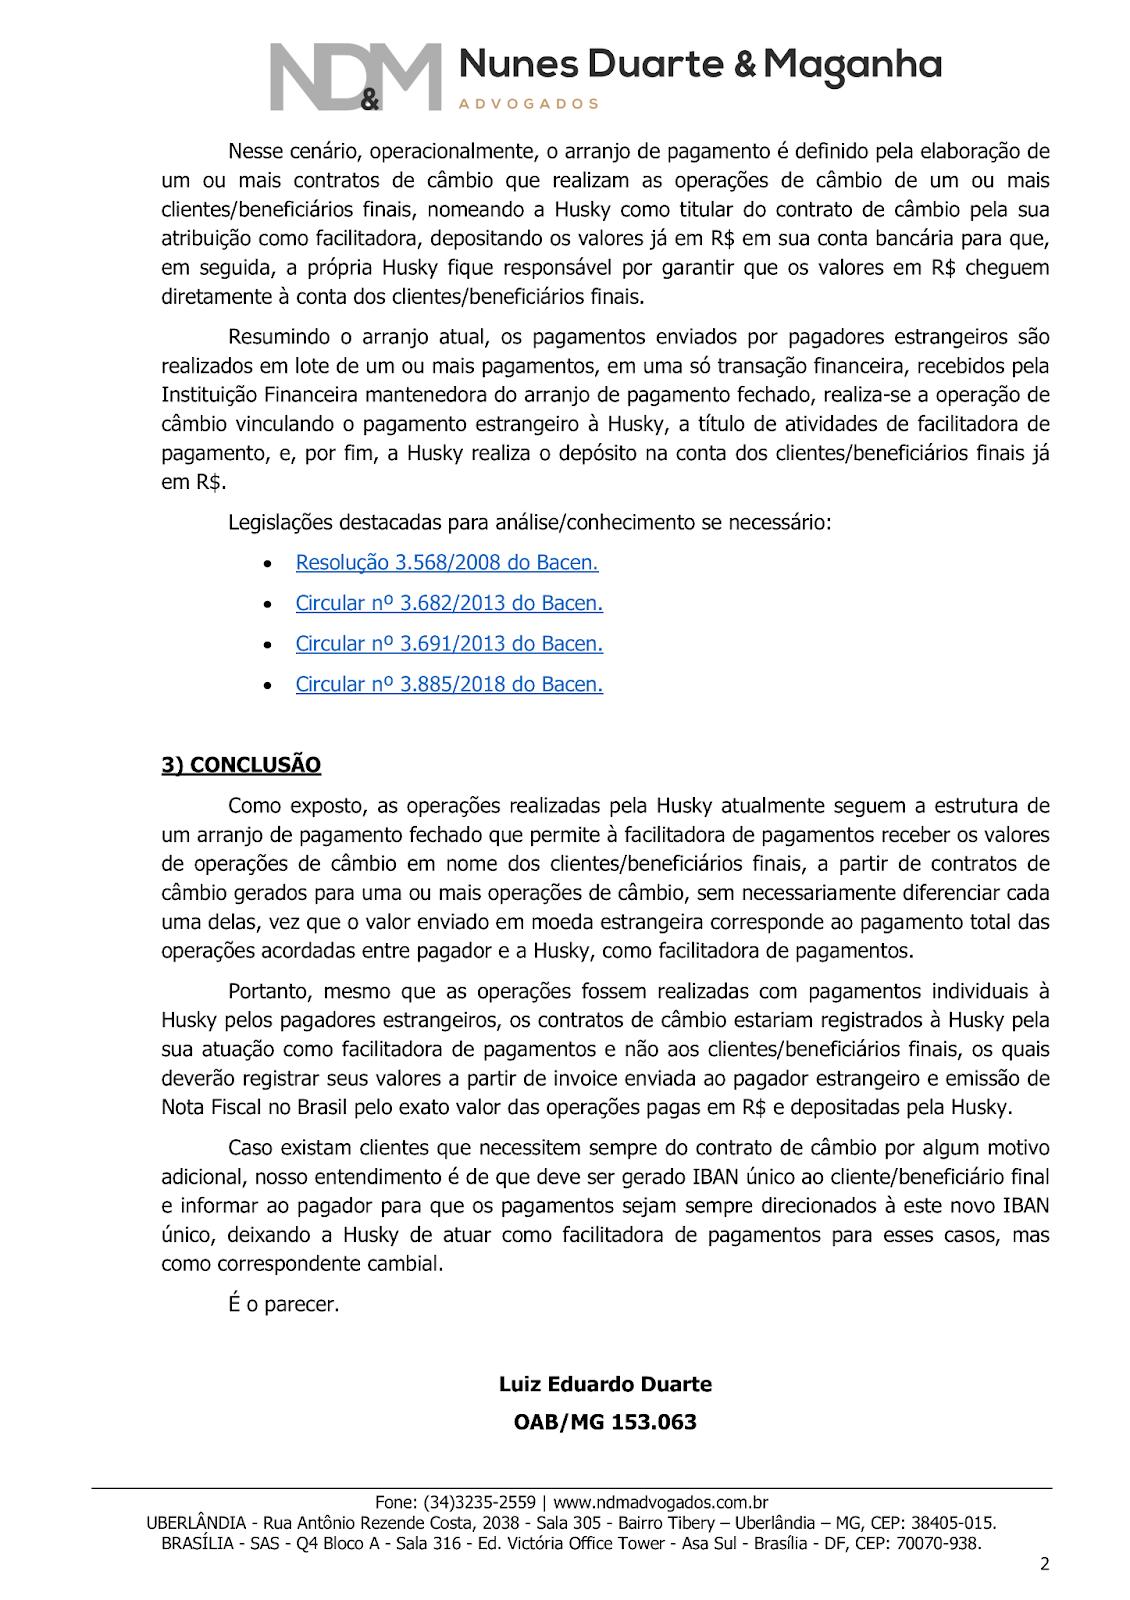 Parecer consultivo jurídico - Contratos de câmbio Husky - Pt2